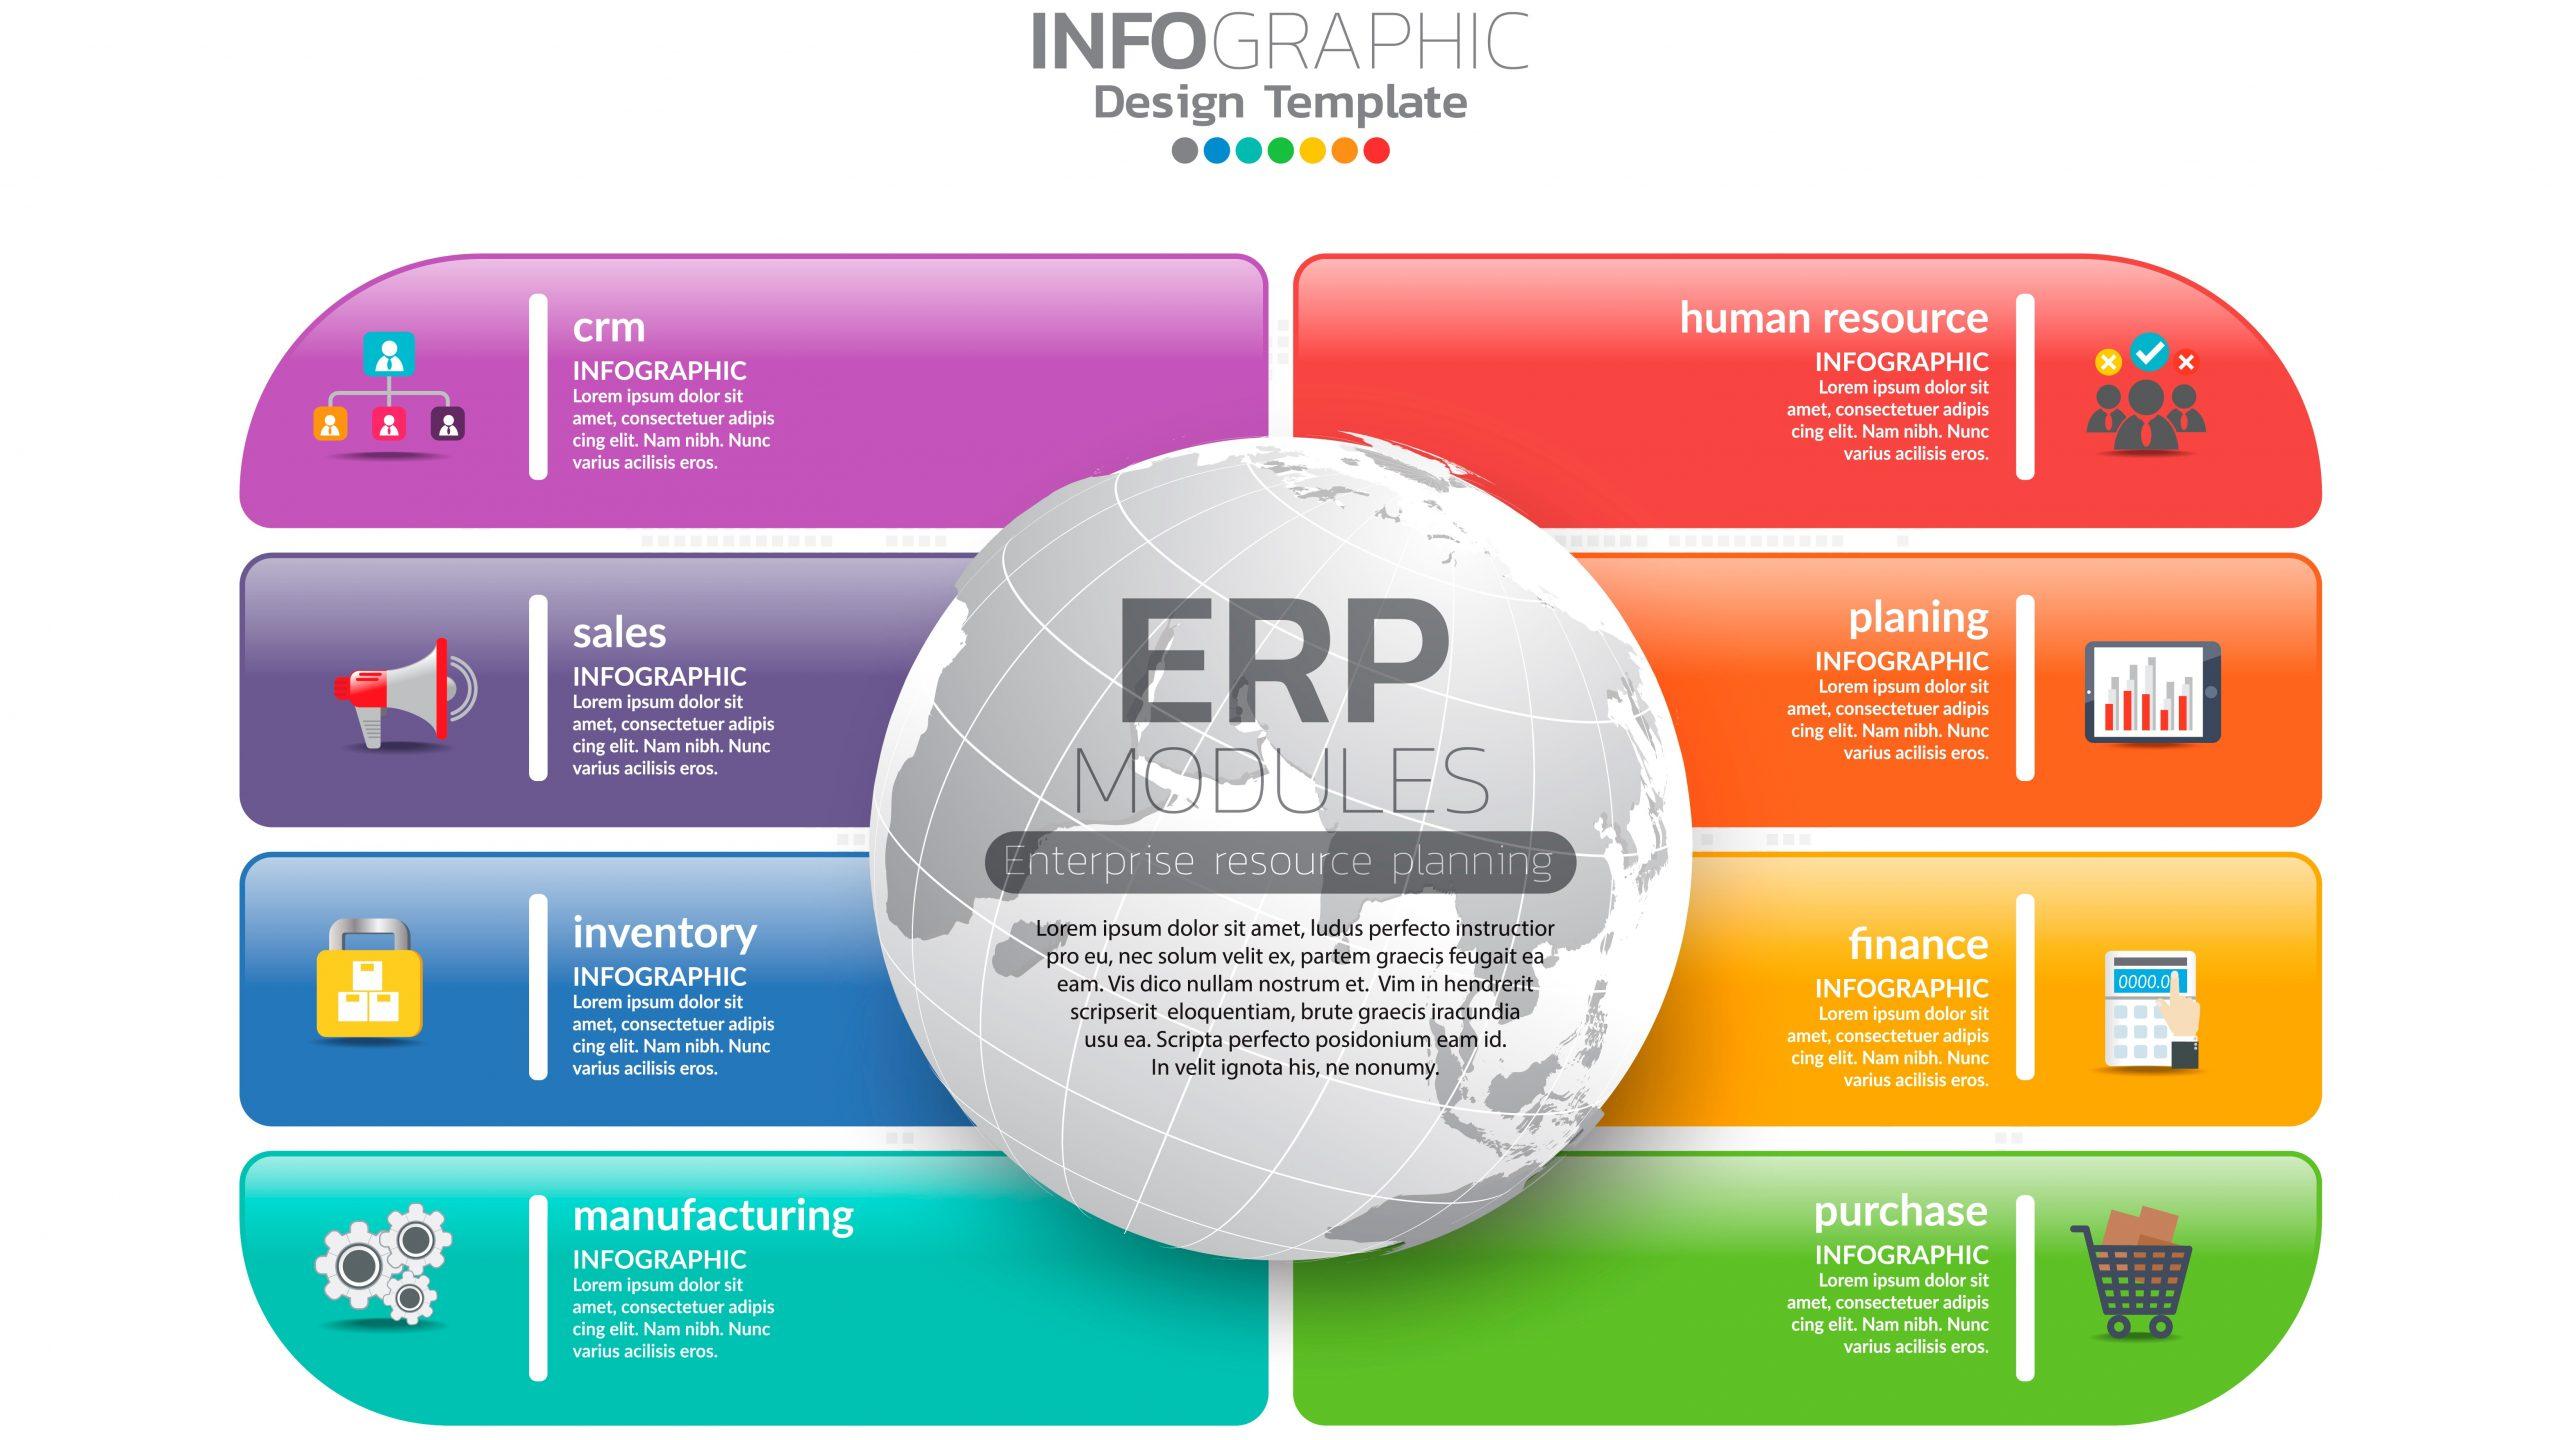 Hệ thống ERP bao gồm nhiều module khác nhau, giúp doanh nghiệp quản lý toàn diện hơn